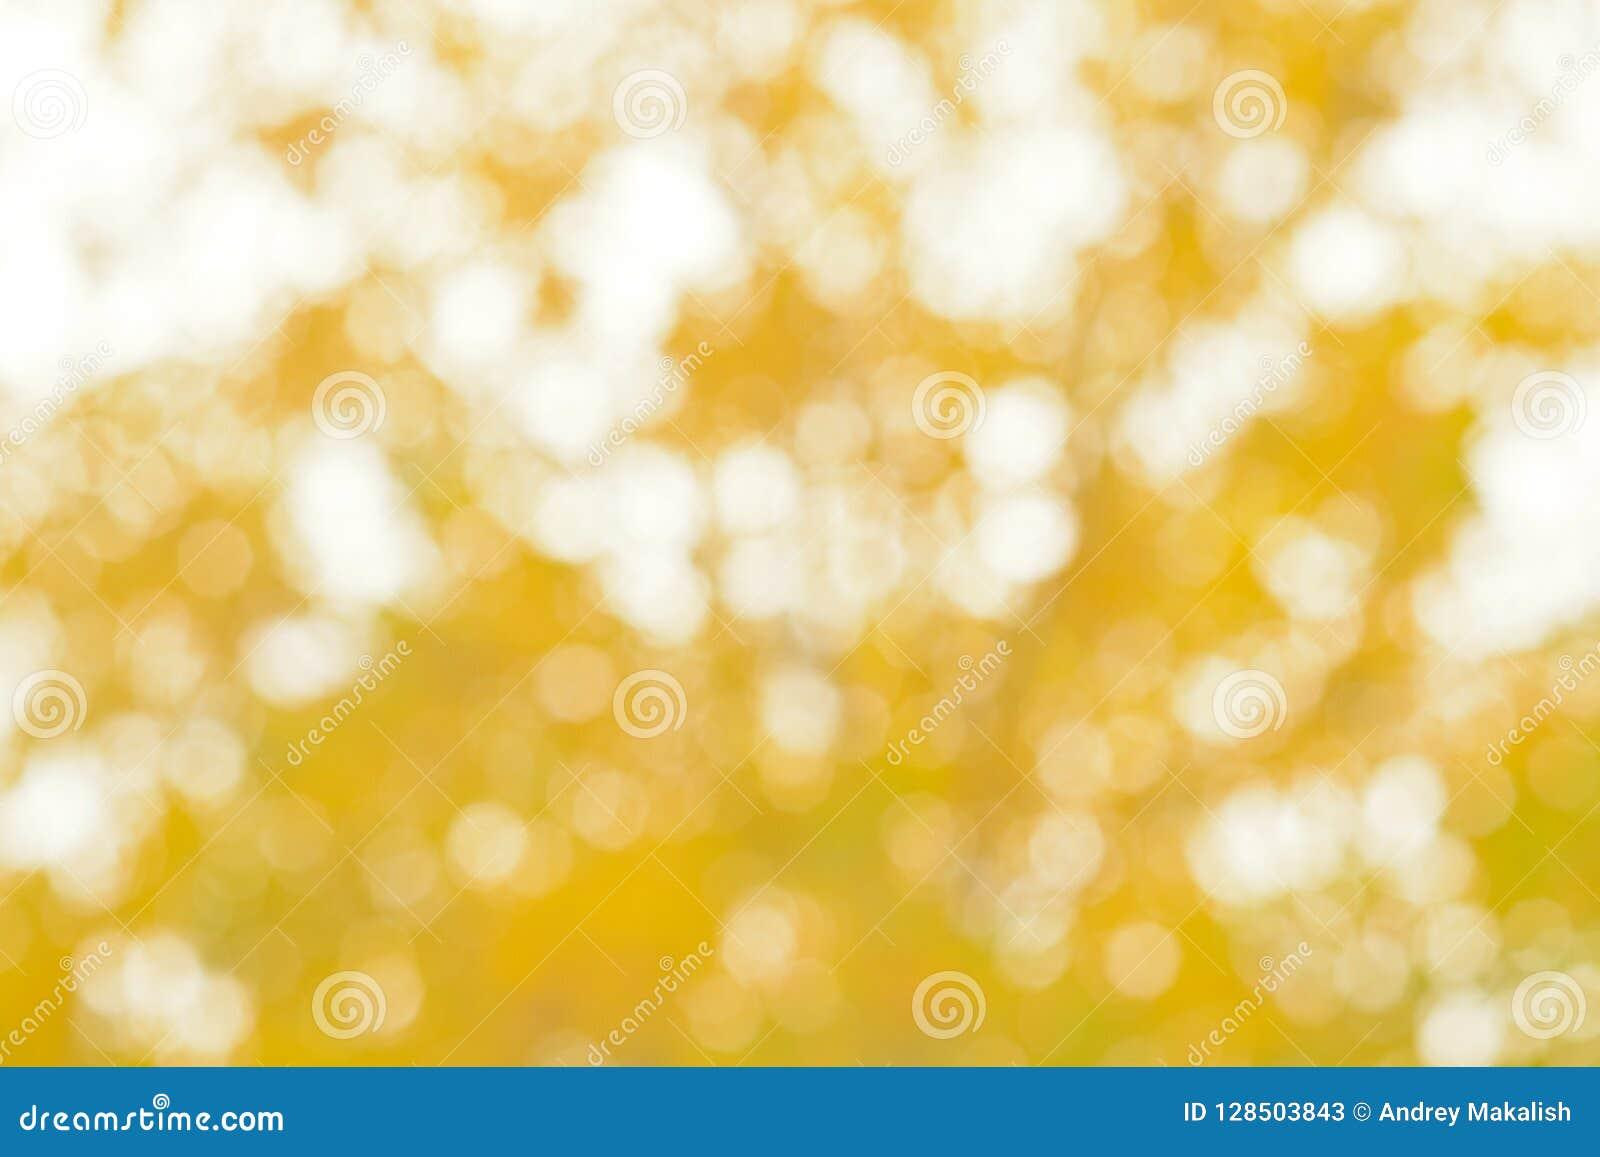 Θολωμένο αφηρημένο υπόβαθρο των κίτρινων φύλλων